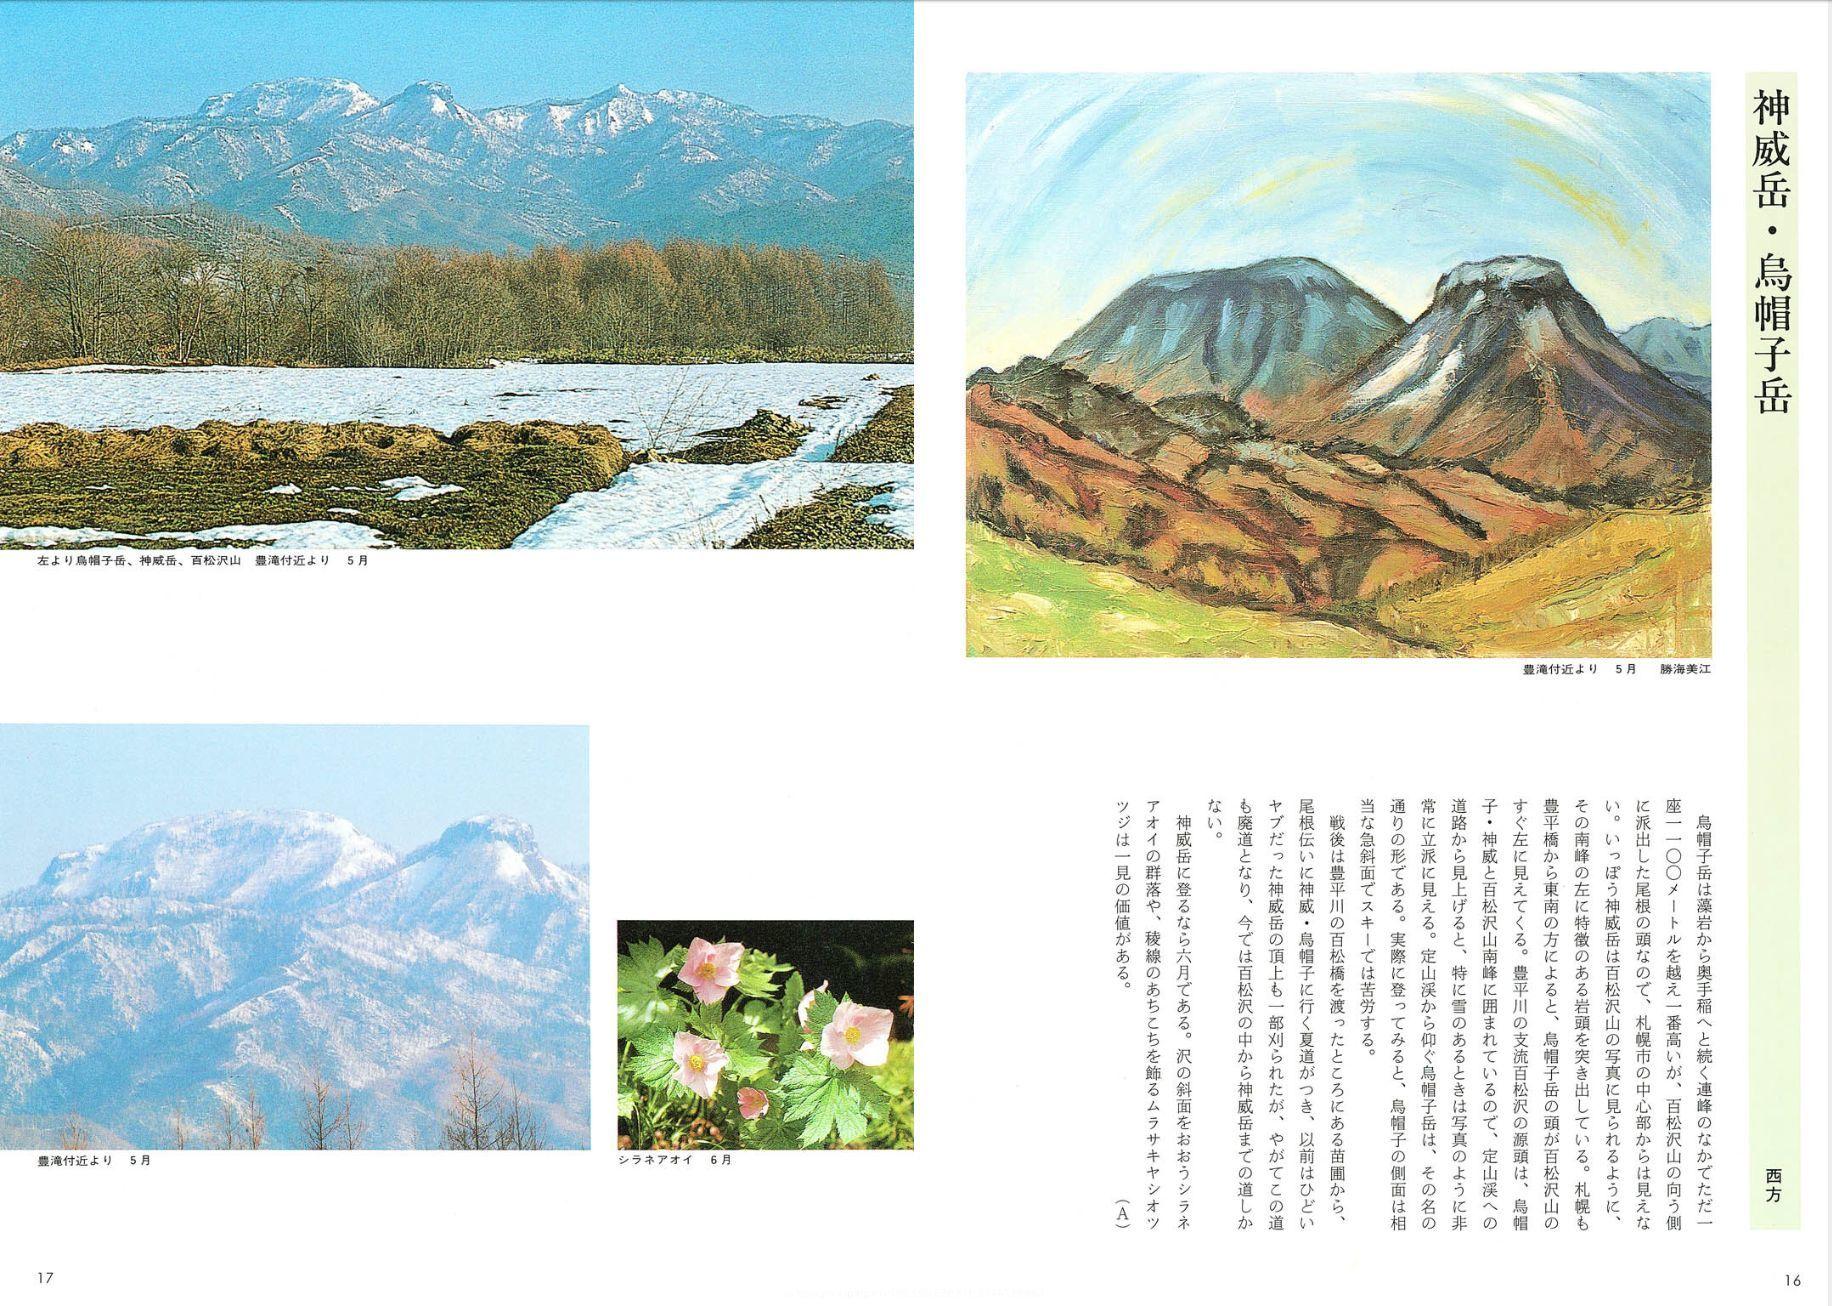 私の部屋から見える山(神威岳)_c0025115_20375221.jpg